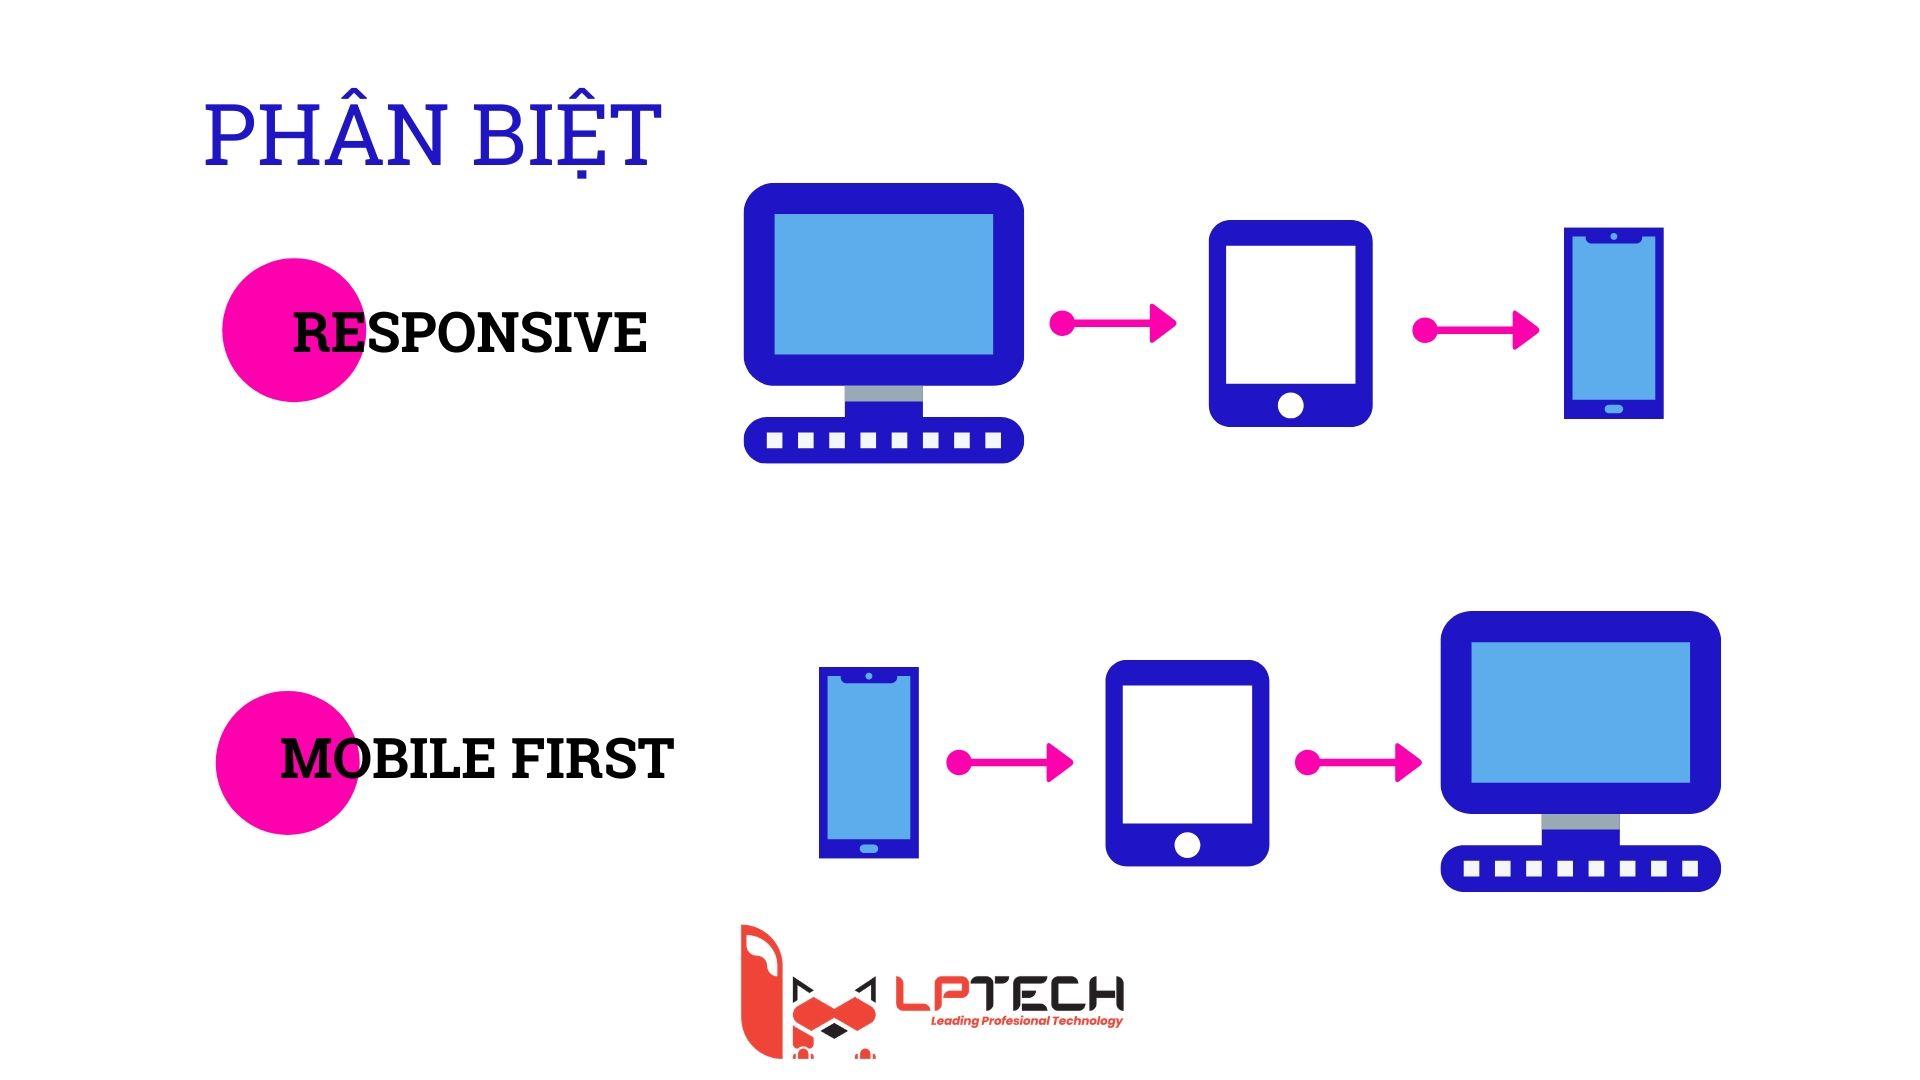 Phân biệt chuẩn thiết kế web theo Mobile-First và Responsive